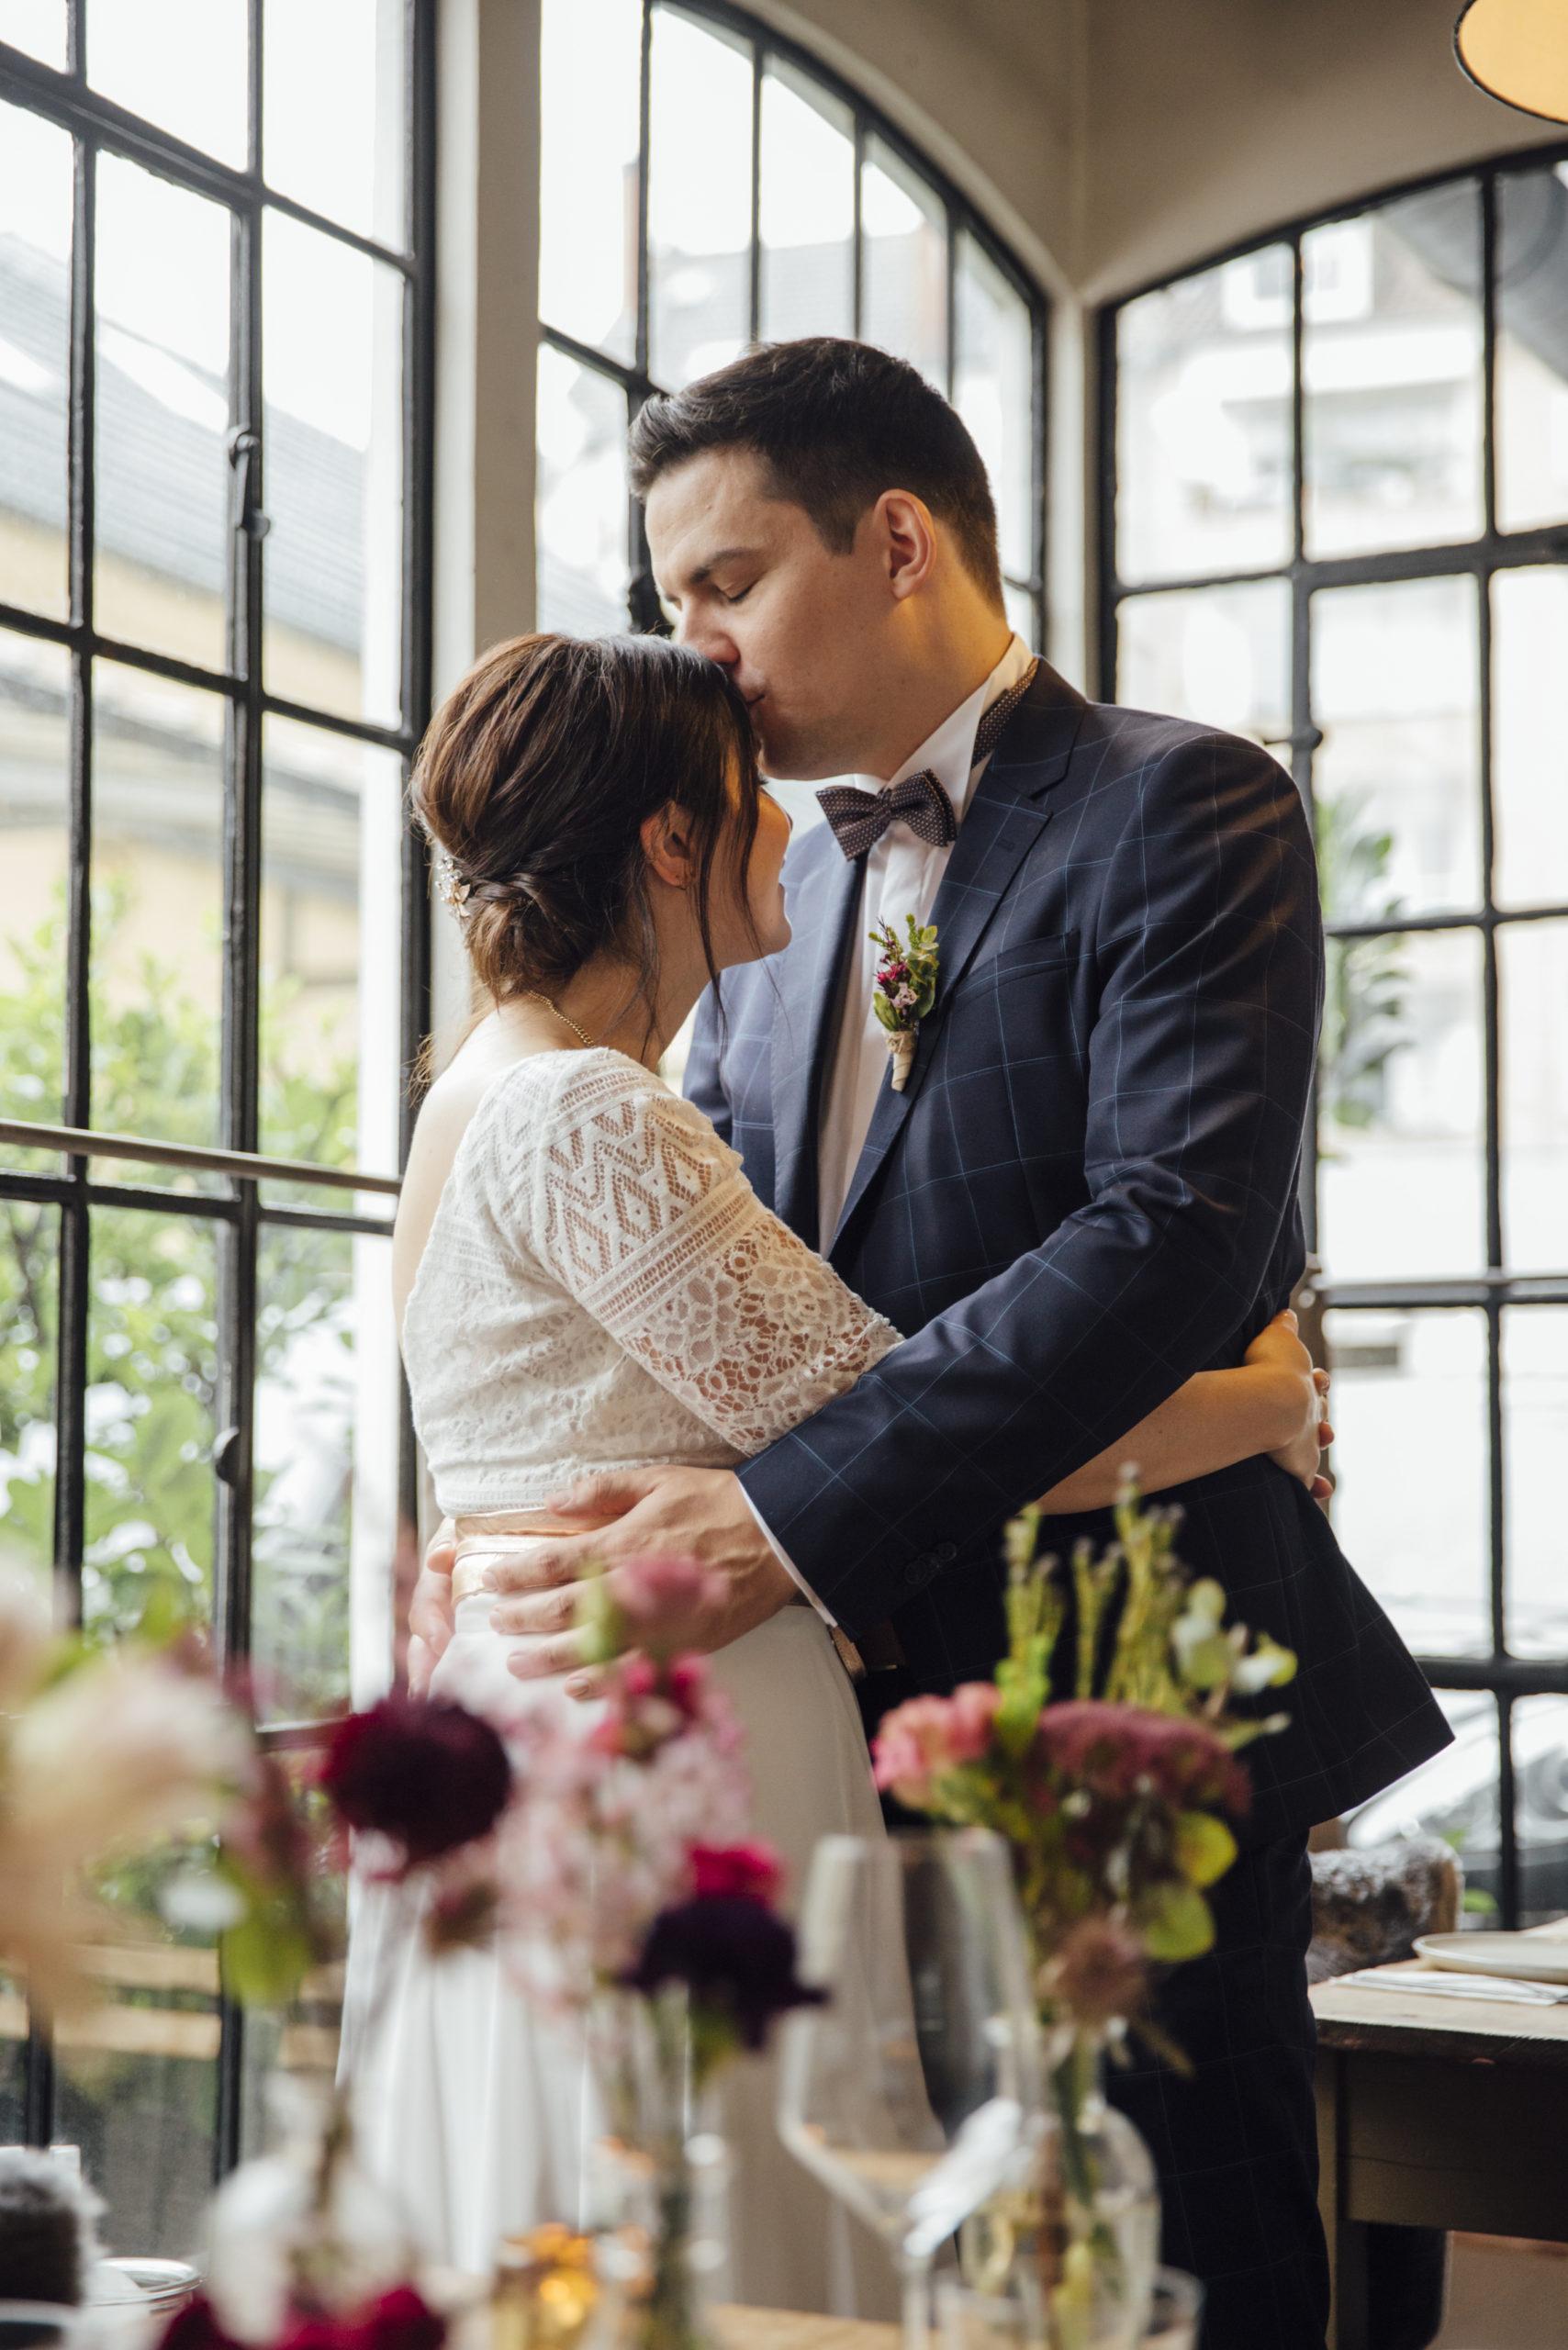 Brautpaar sich umarmend, Braut in weißem Brautkleid-Zweiteiler und Gürtel in Roségold-Metallic, Bräutigam mit blau-kariertem Anzug und Fliege